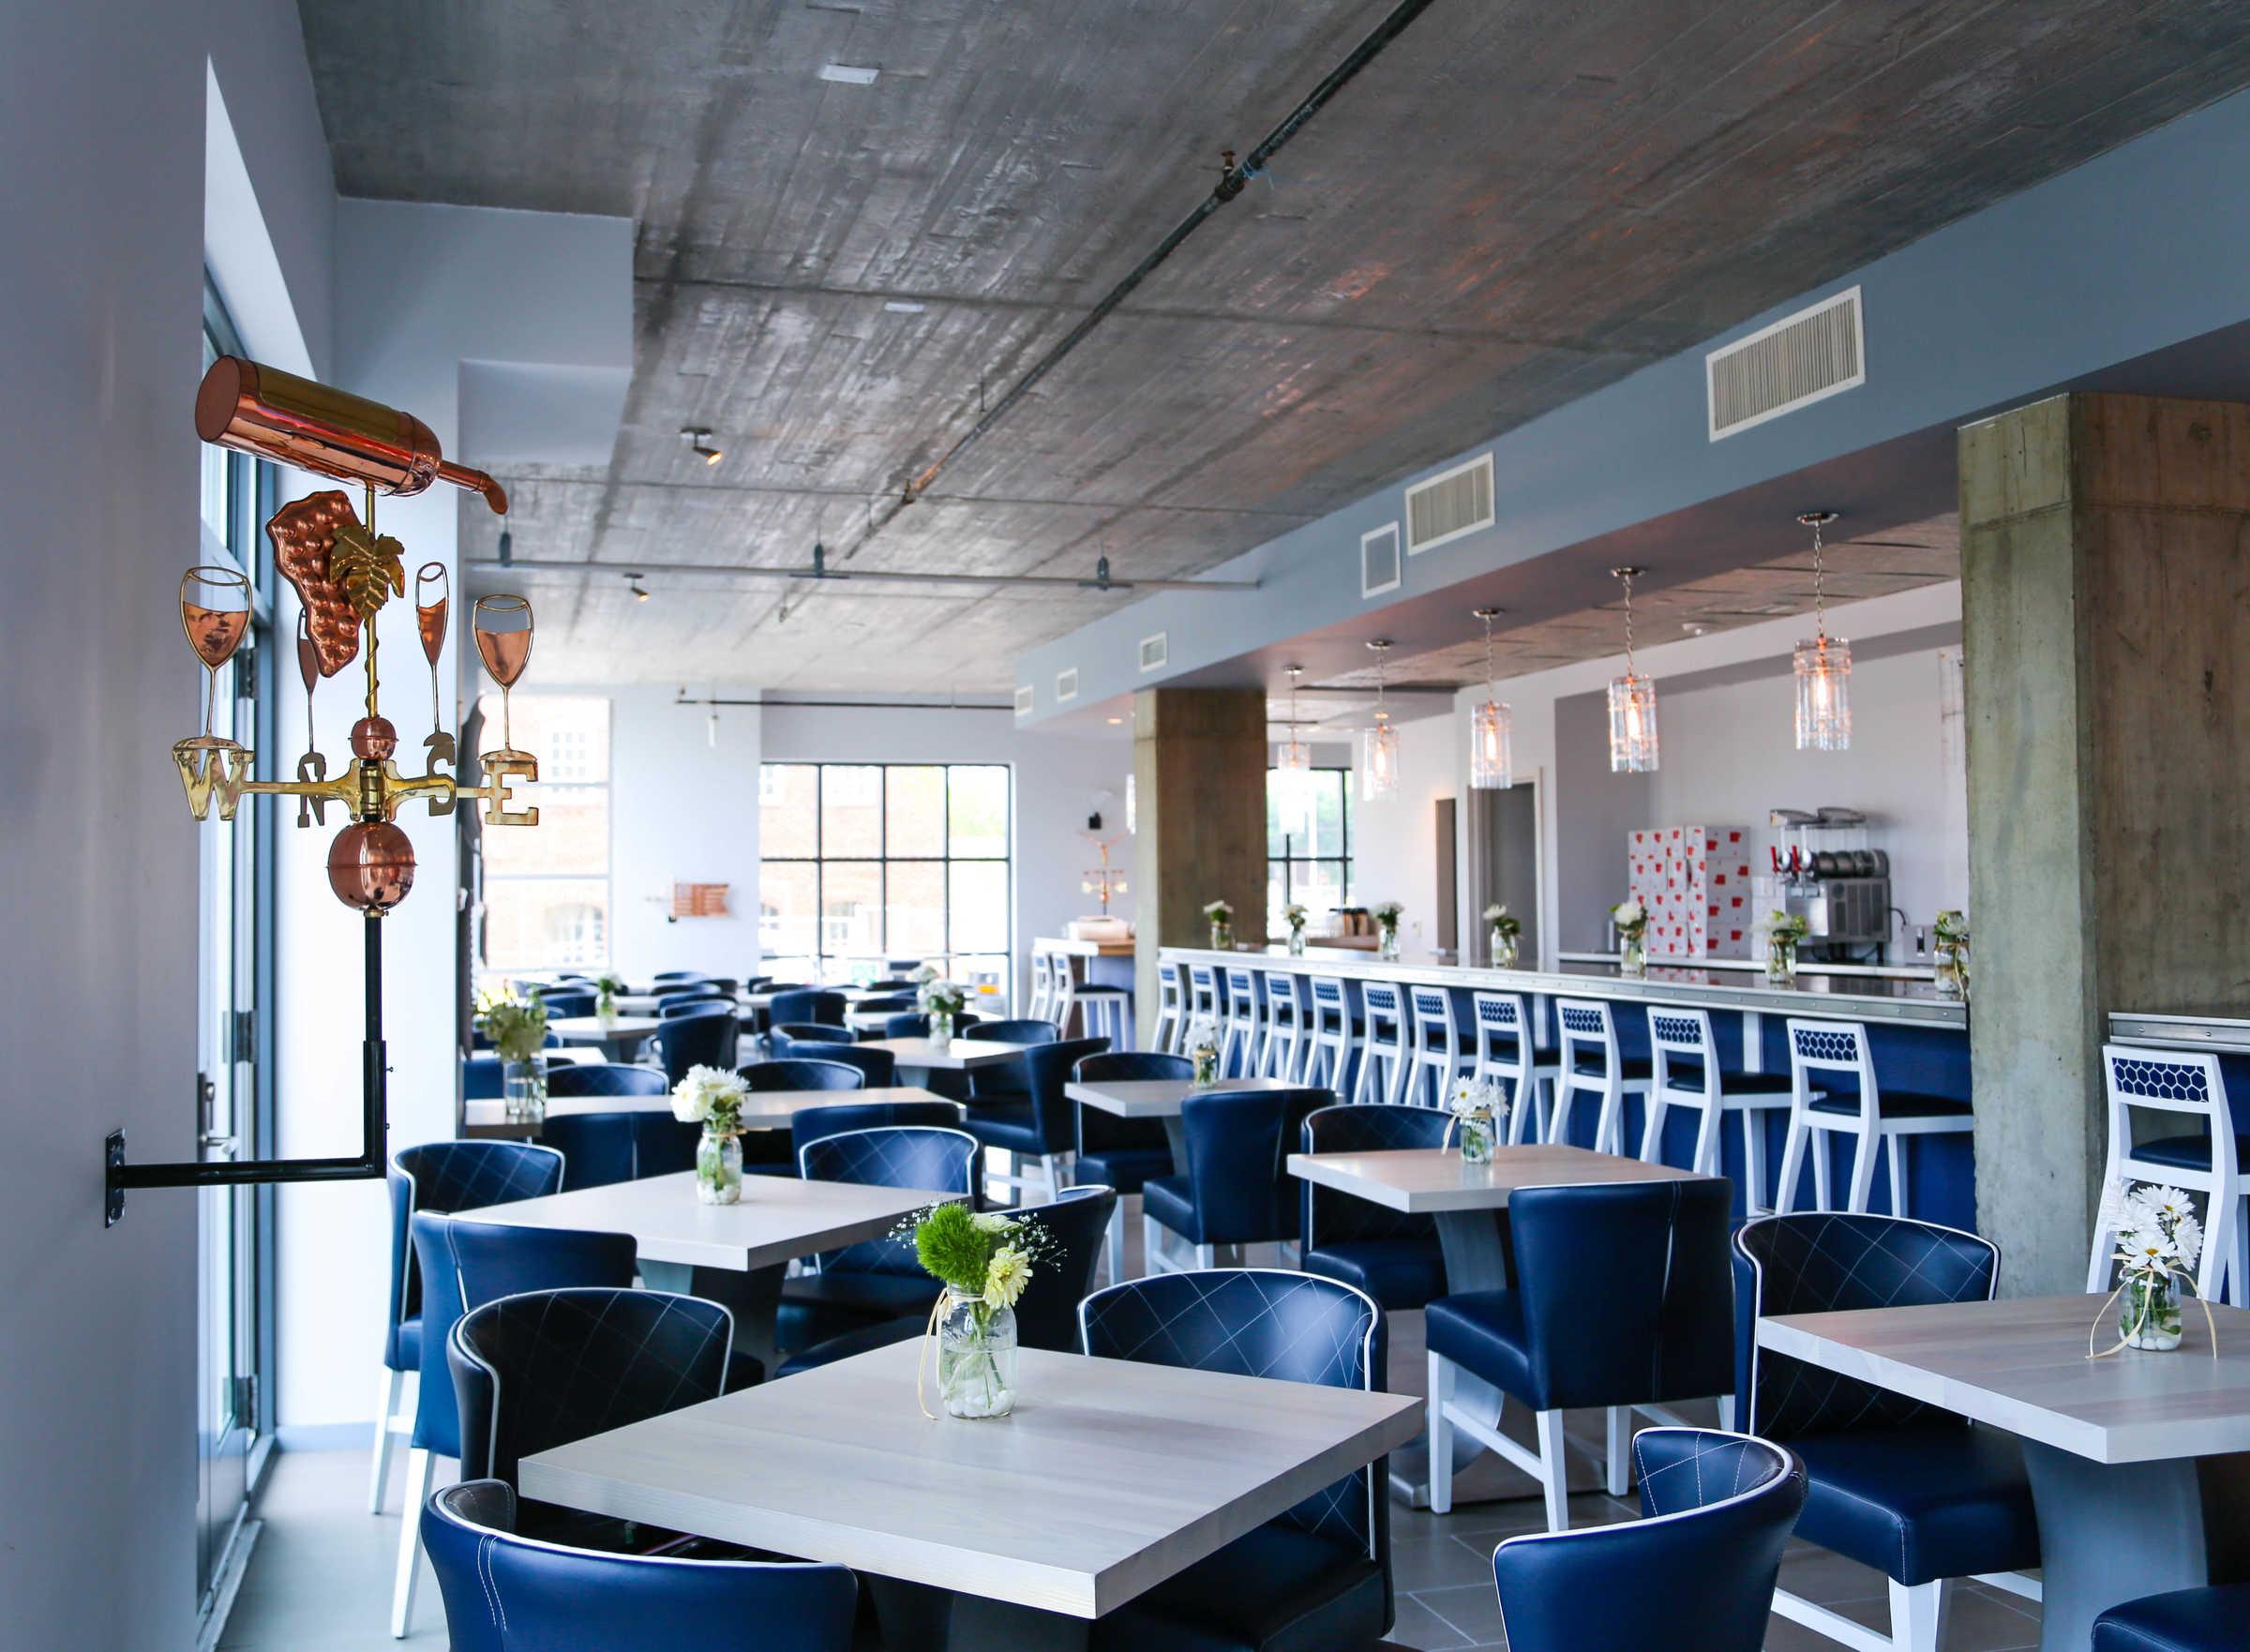 Hummingbird restaurant dining room